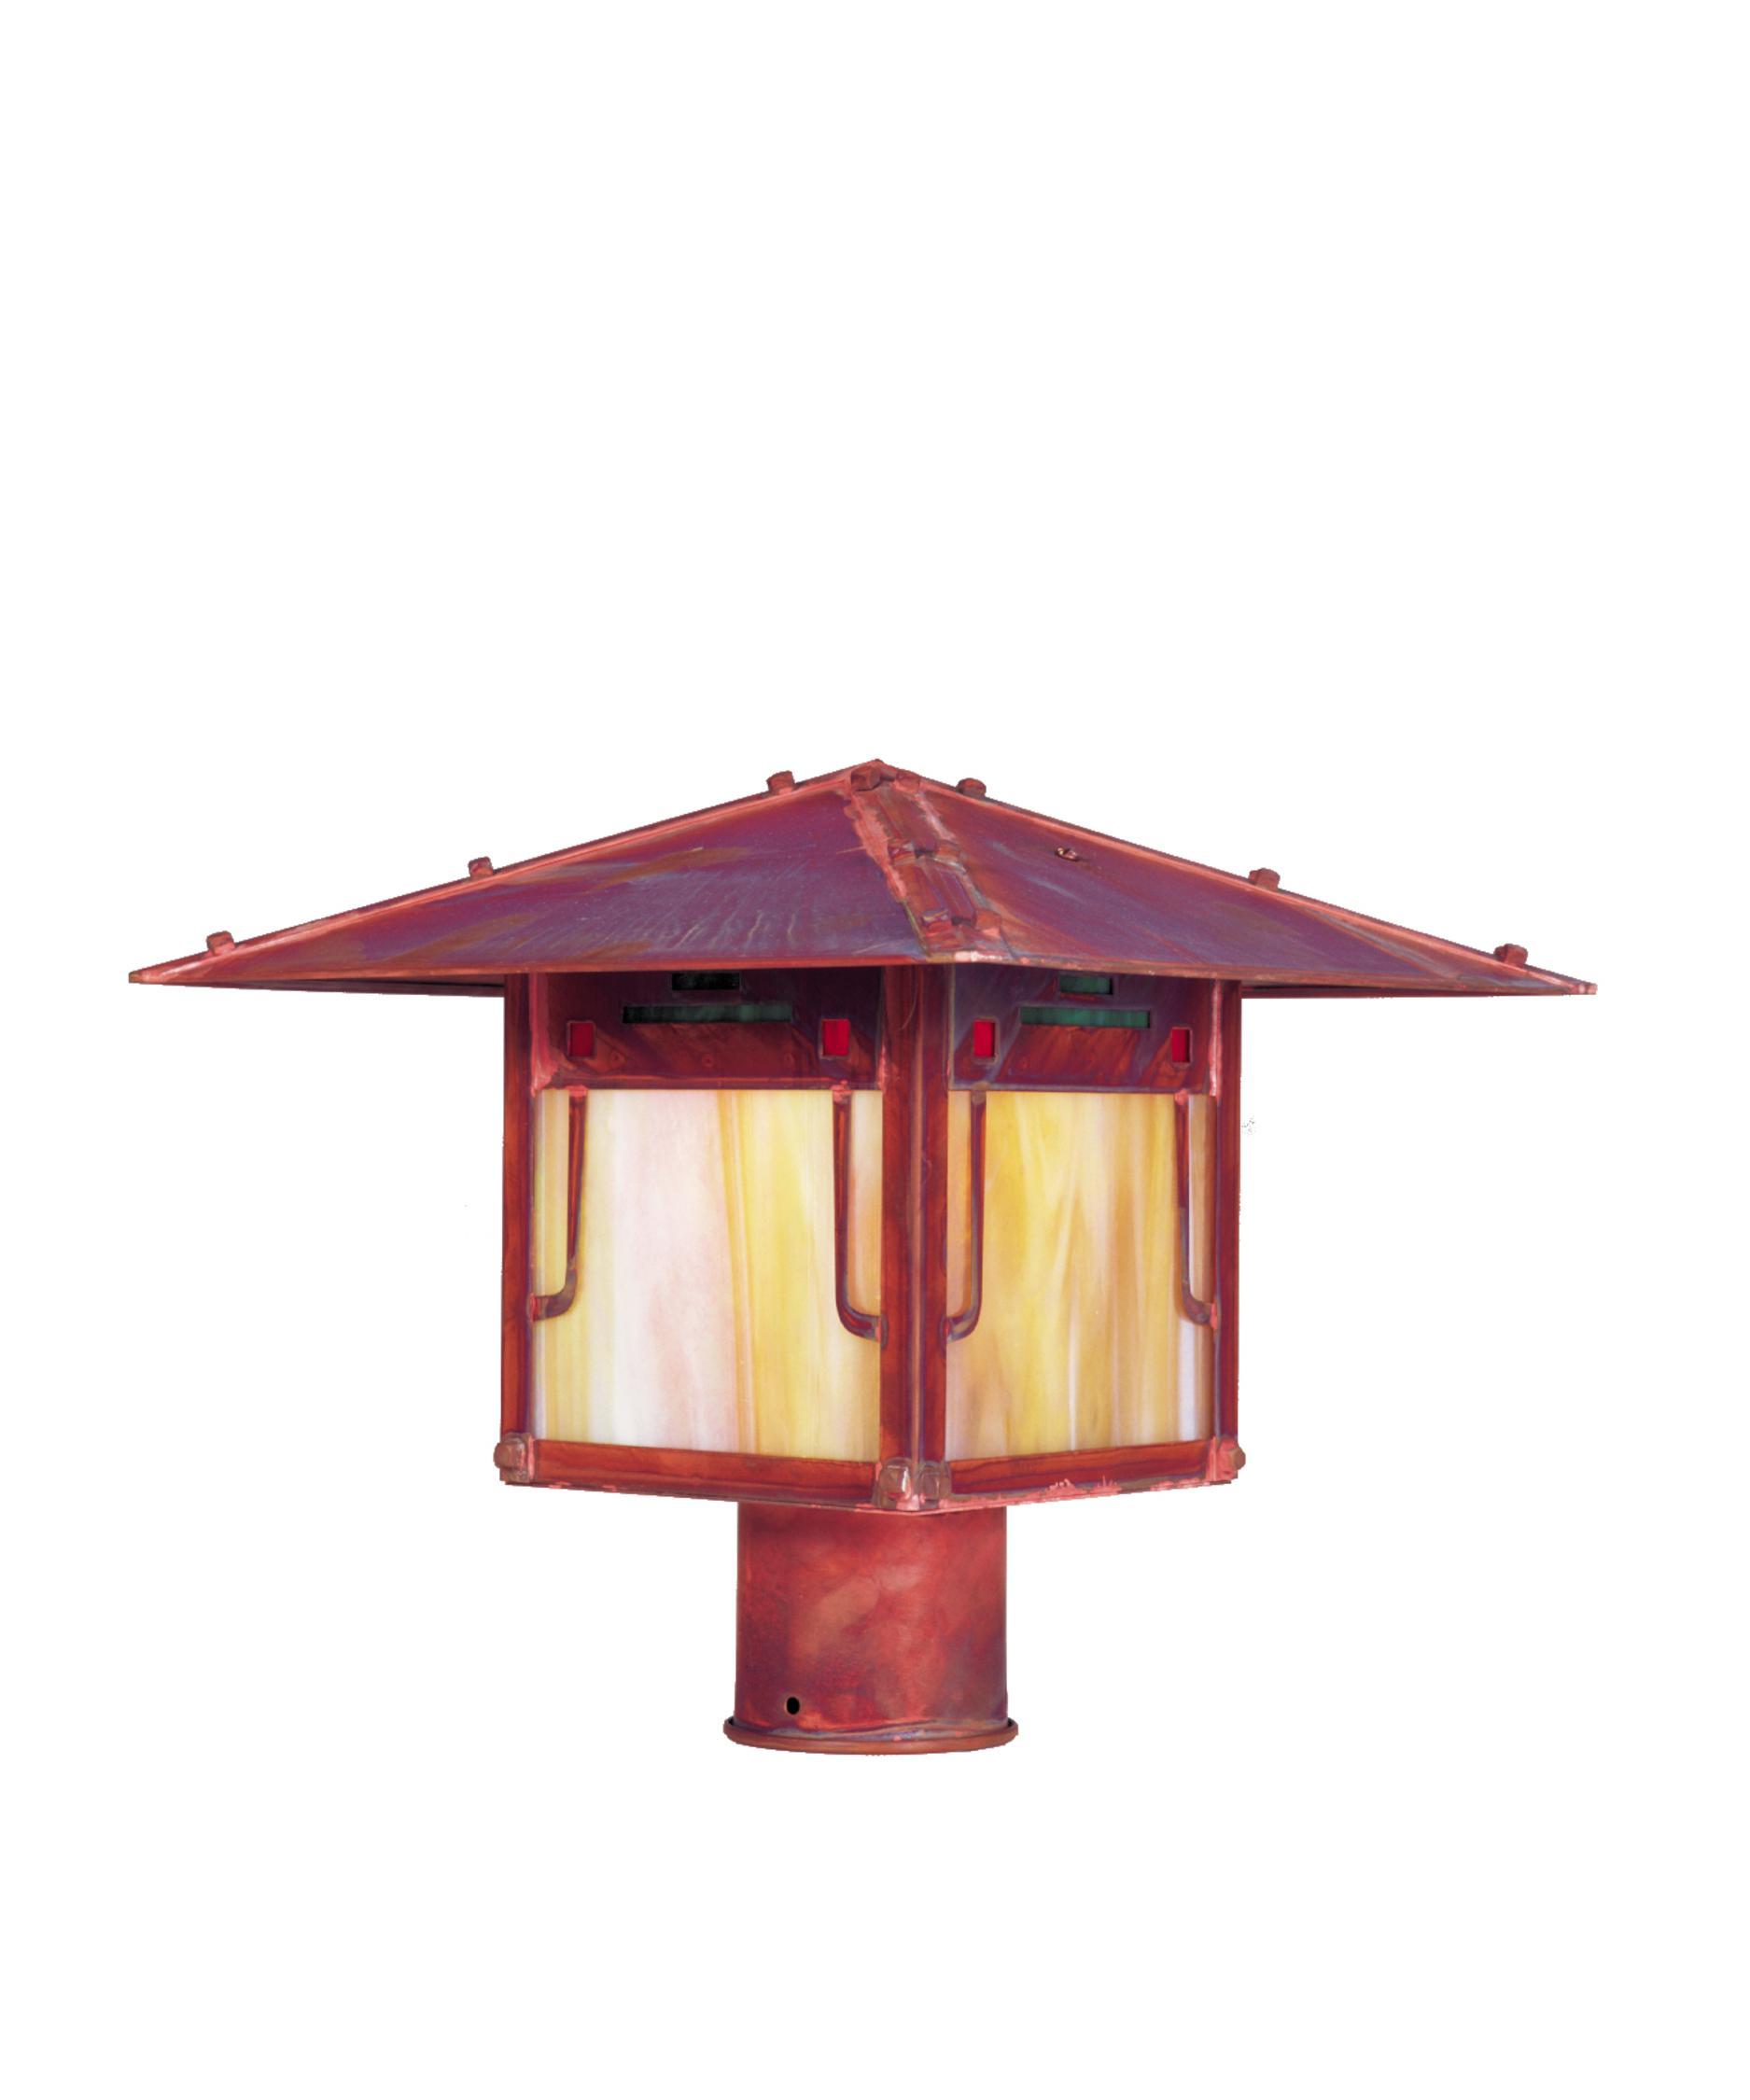 Landscape Lighting Gillette Nj: Arroyo Craftsman PDP-17 Pagoda 1 Light Outdoor Post Lamp